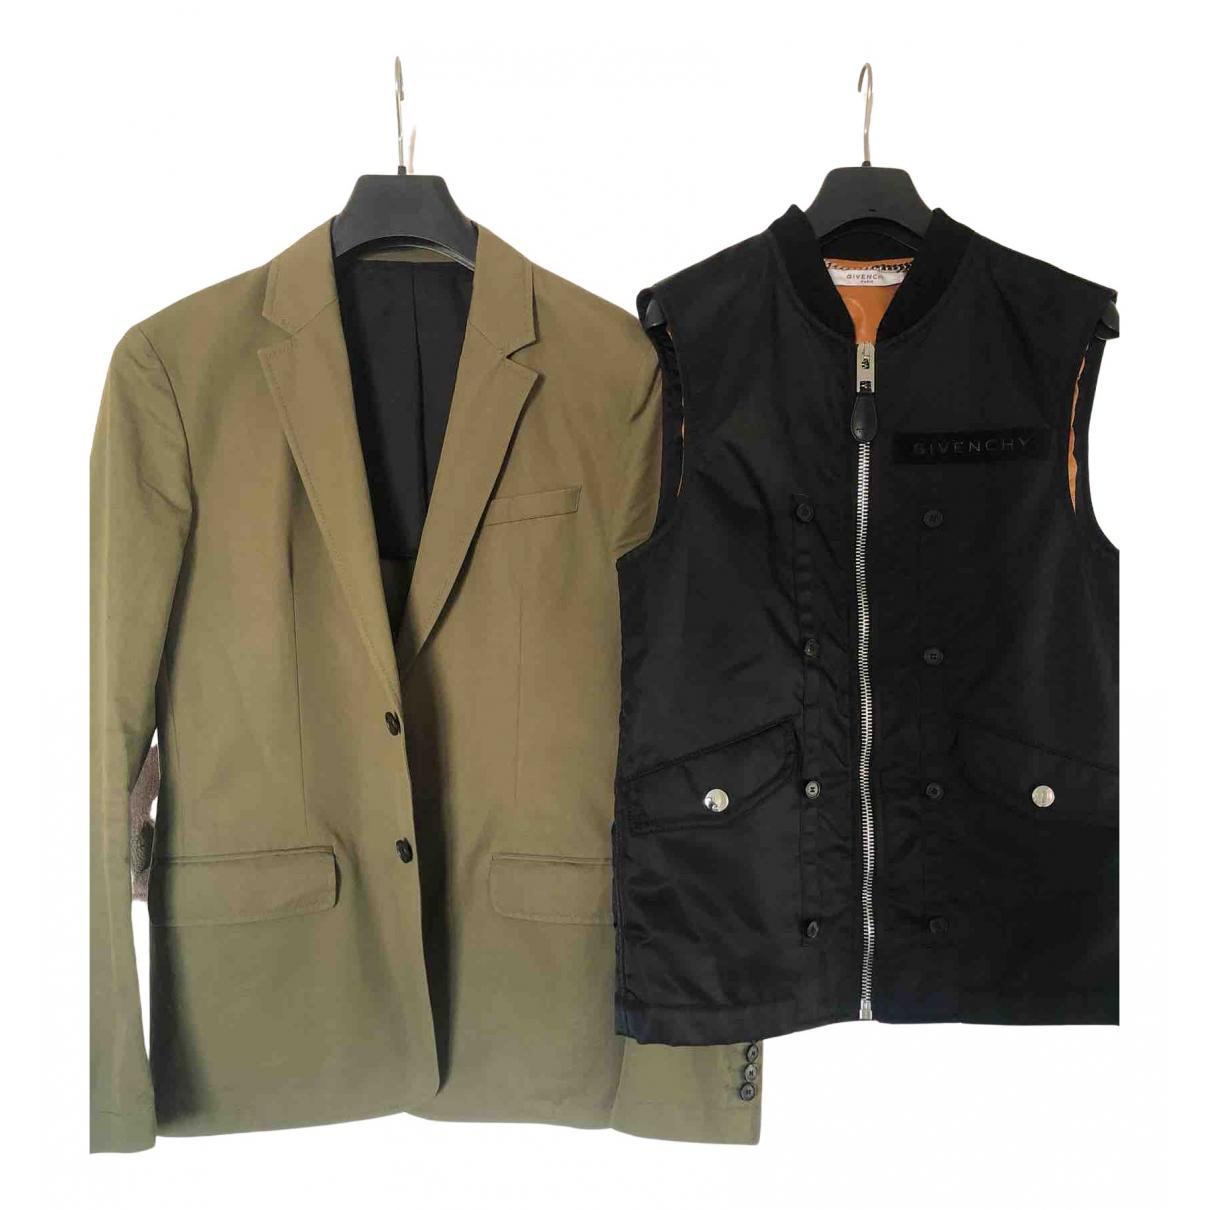 Givenchy - Vestes.Blousons   pour homme en coton - beige